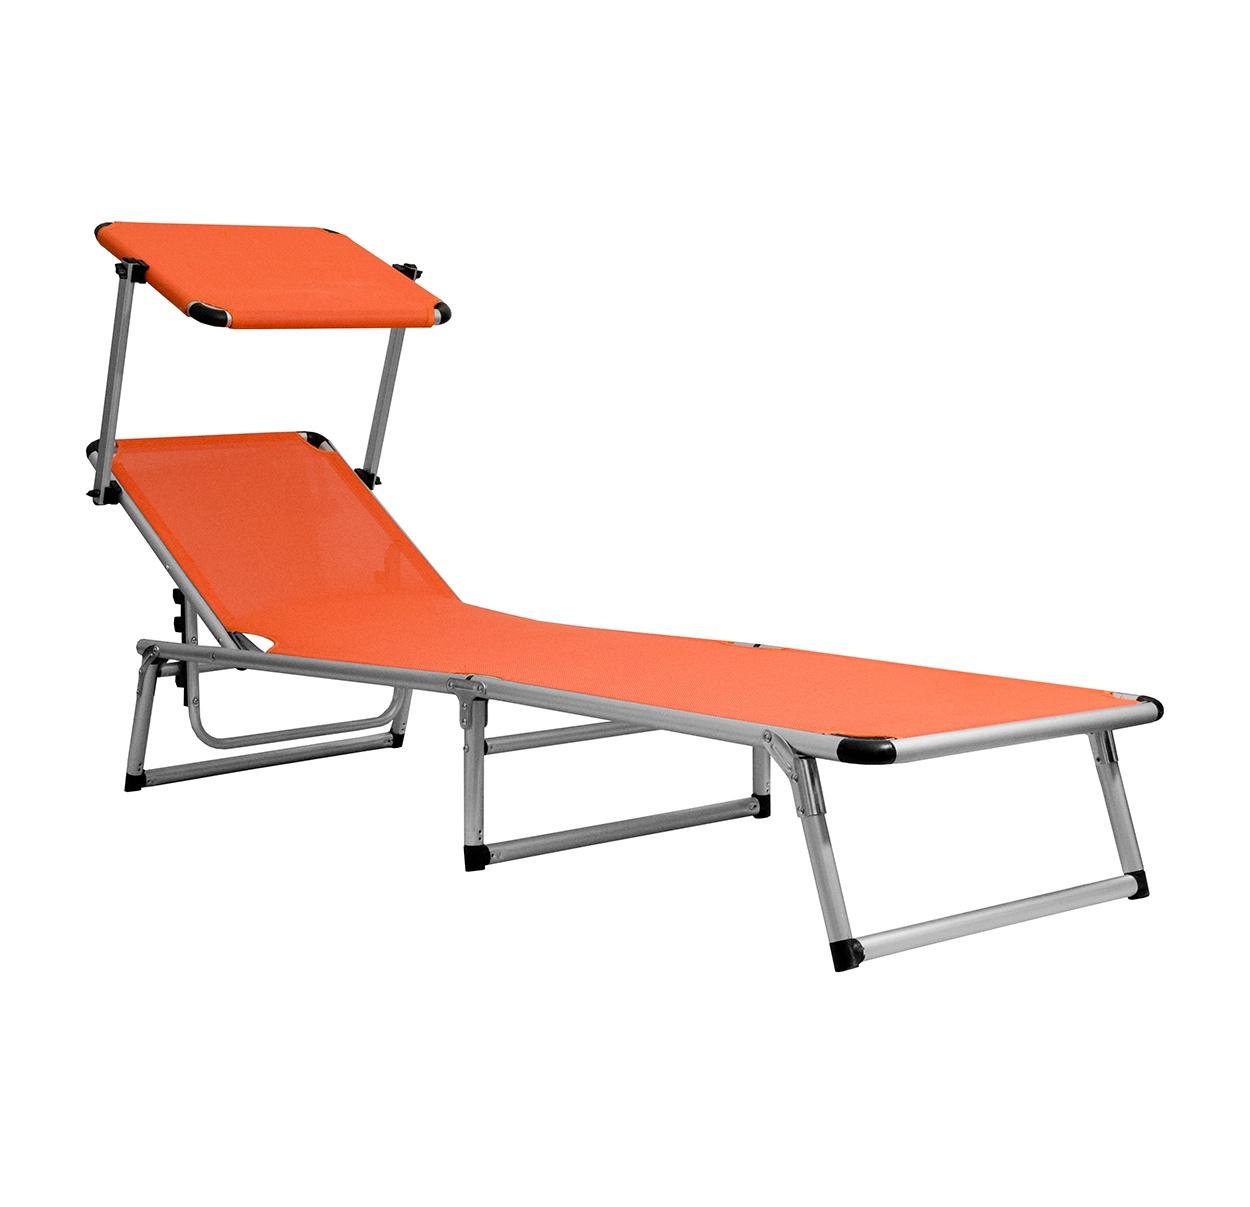 Aga Záhradné lehátko GARDEN KING MC372310O Orange